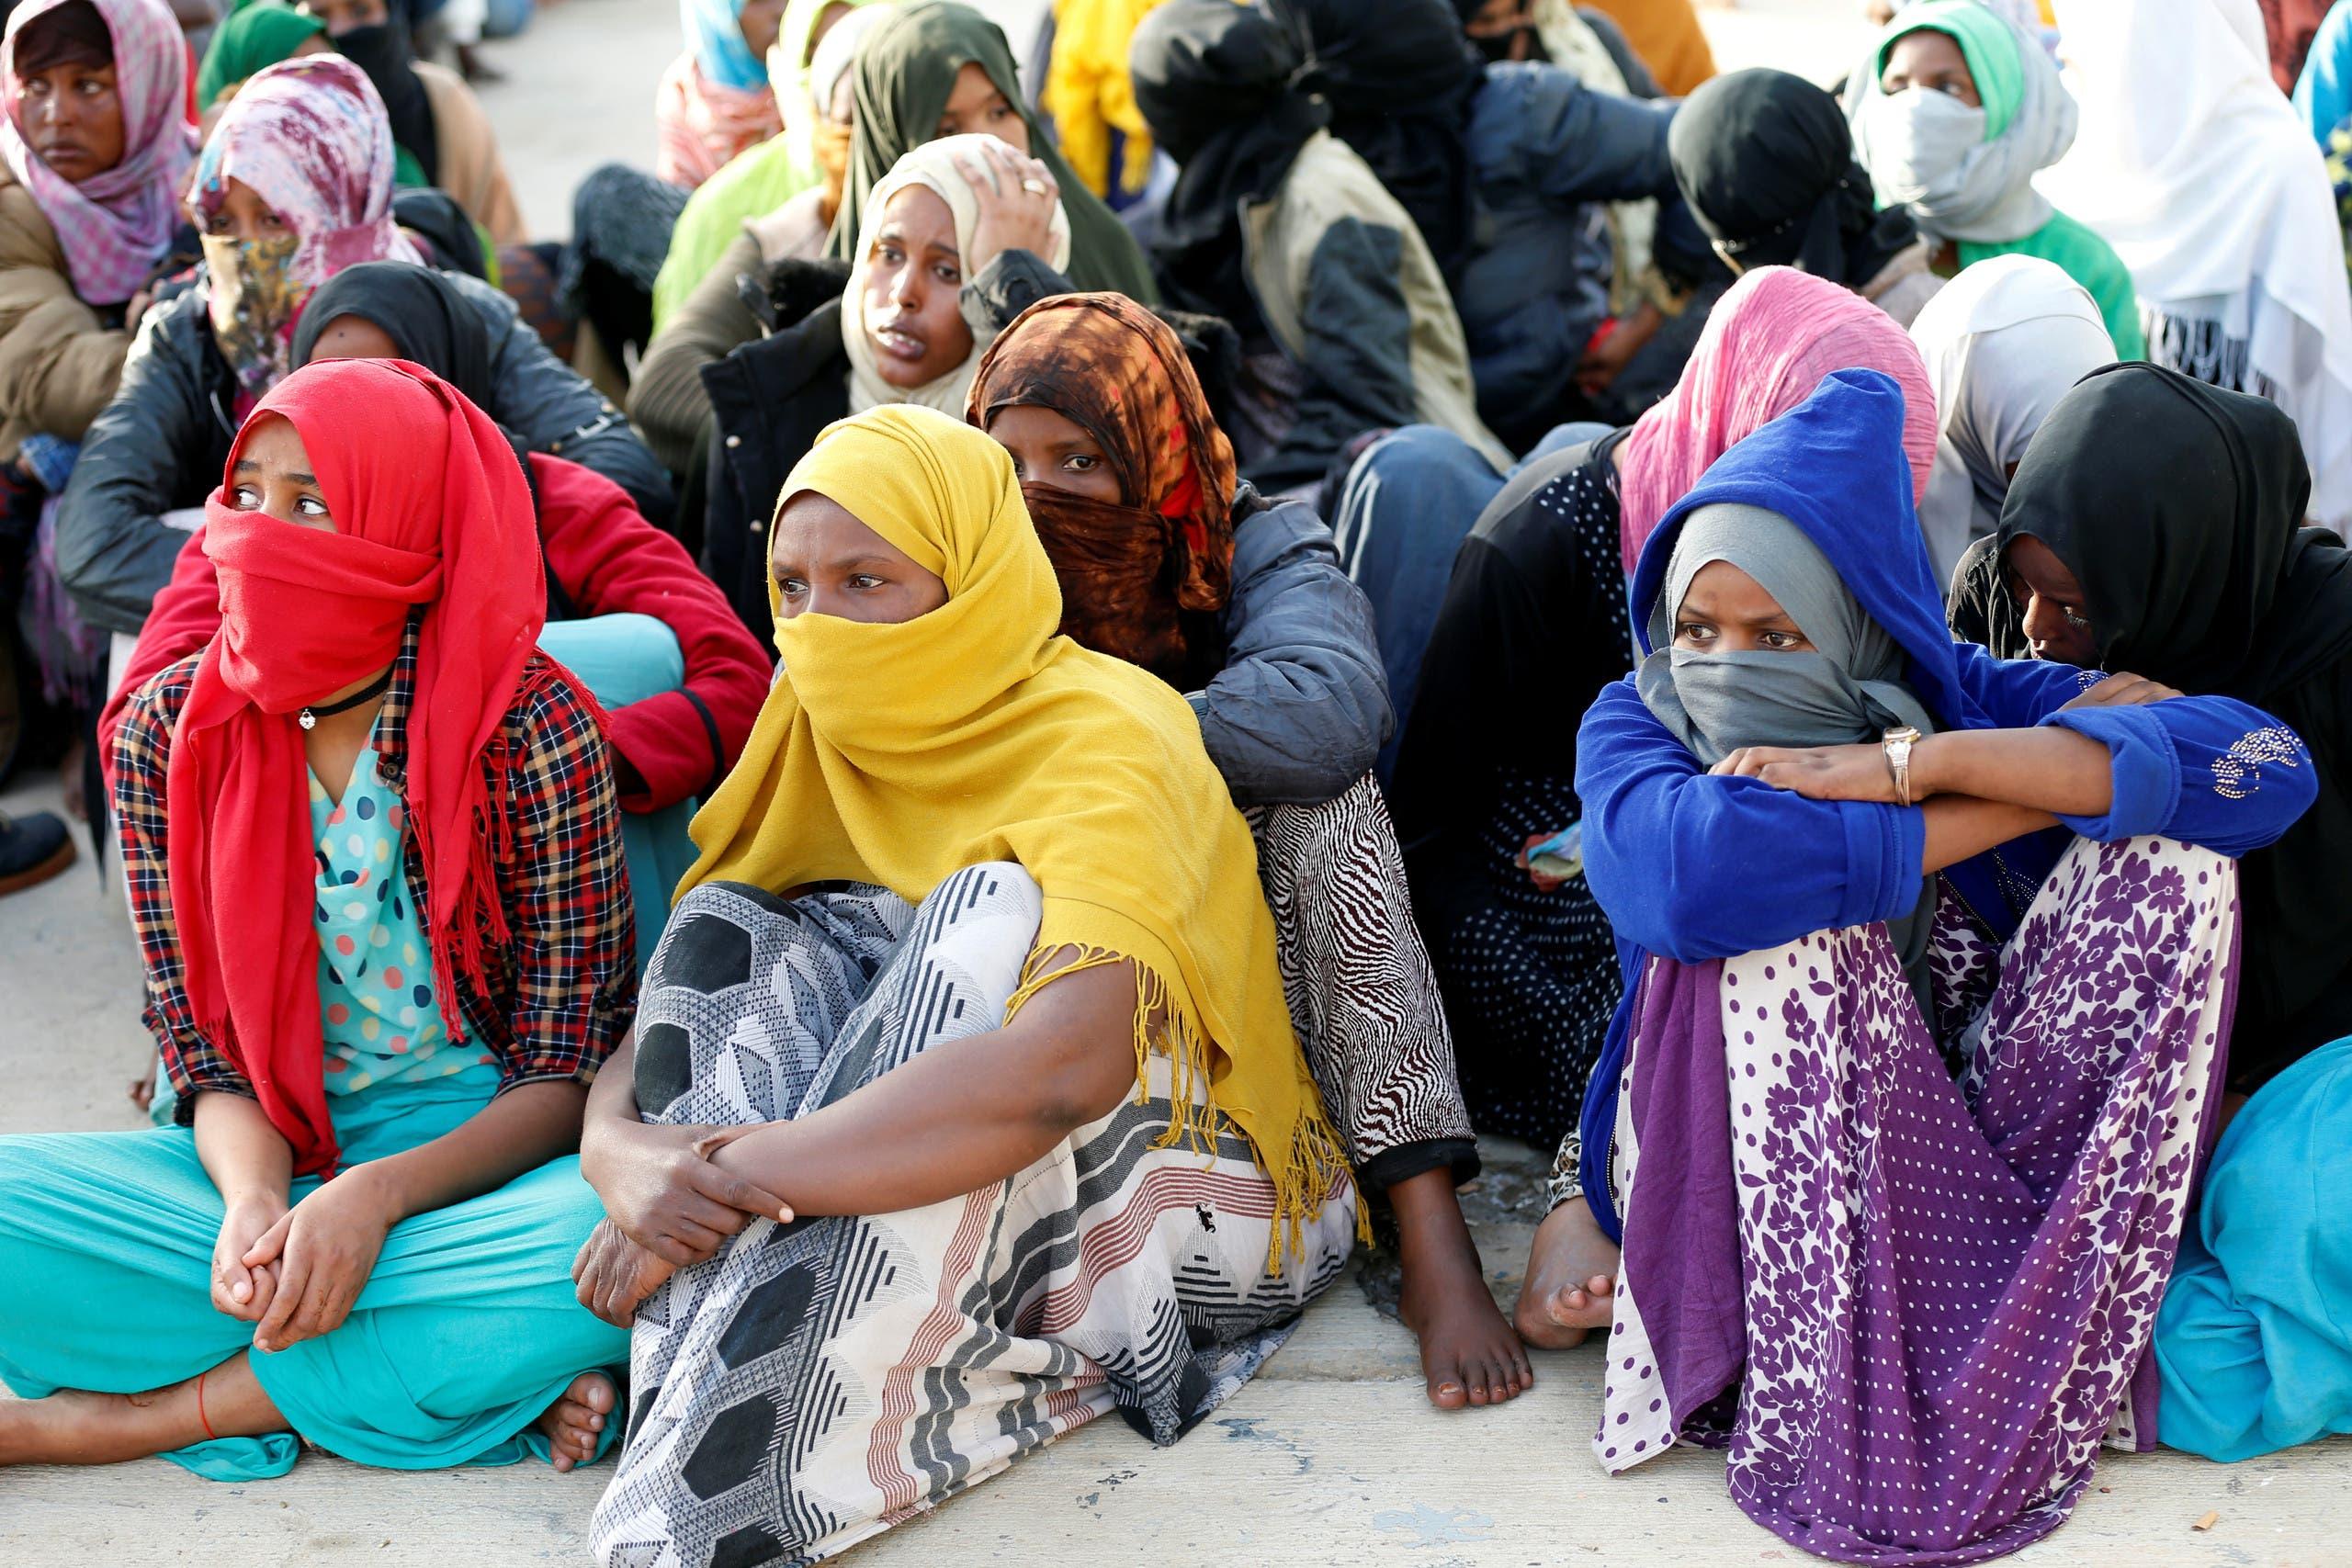 libya migrants. (Reuters)